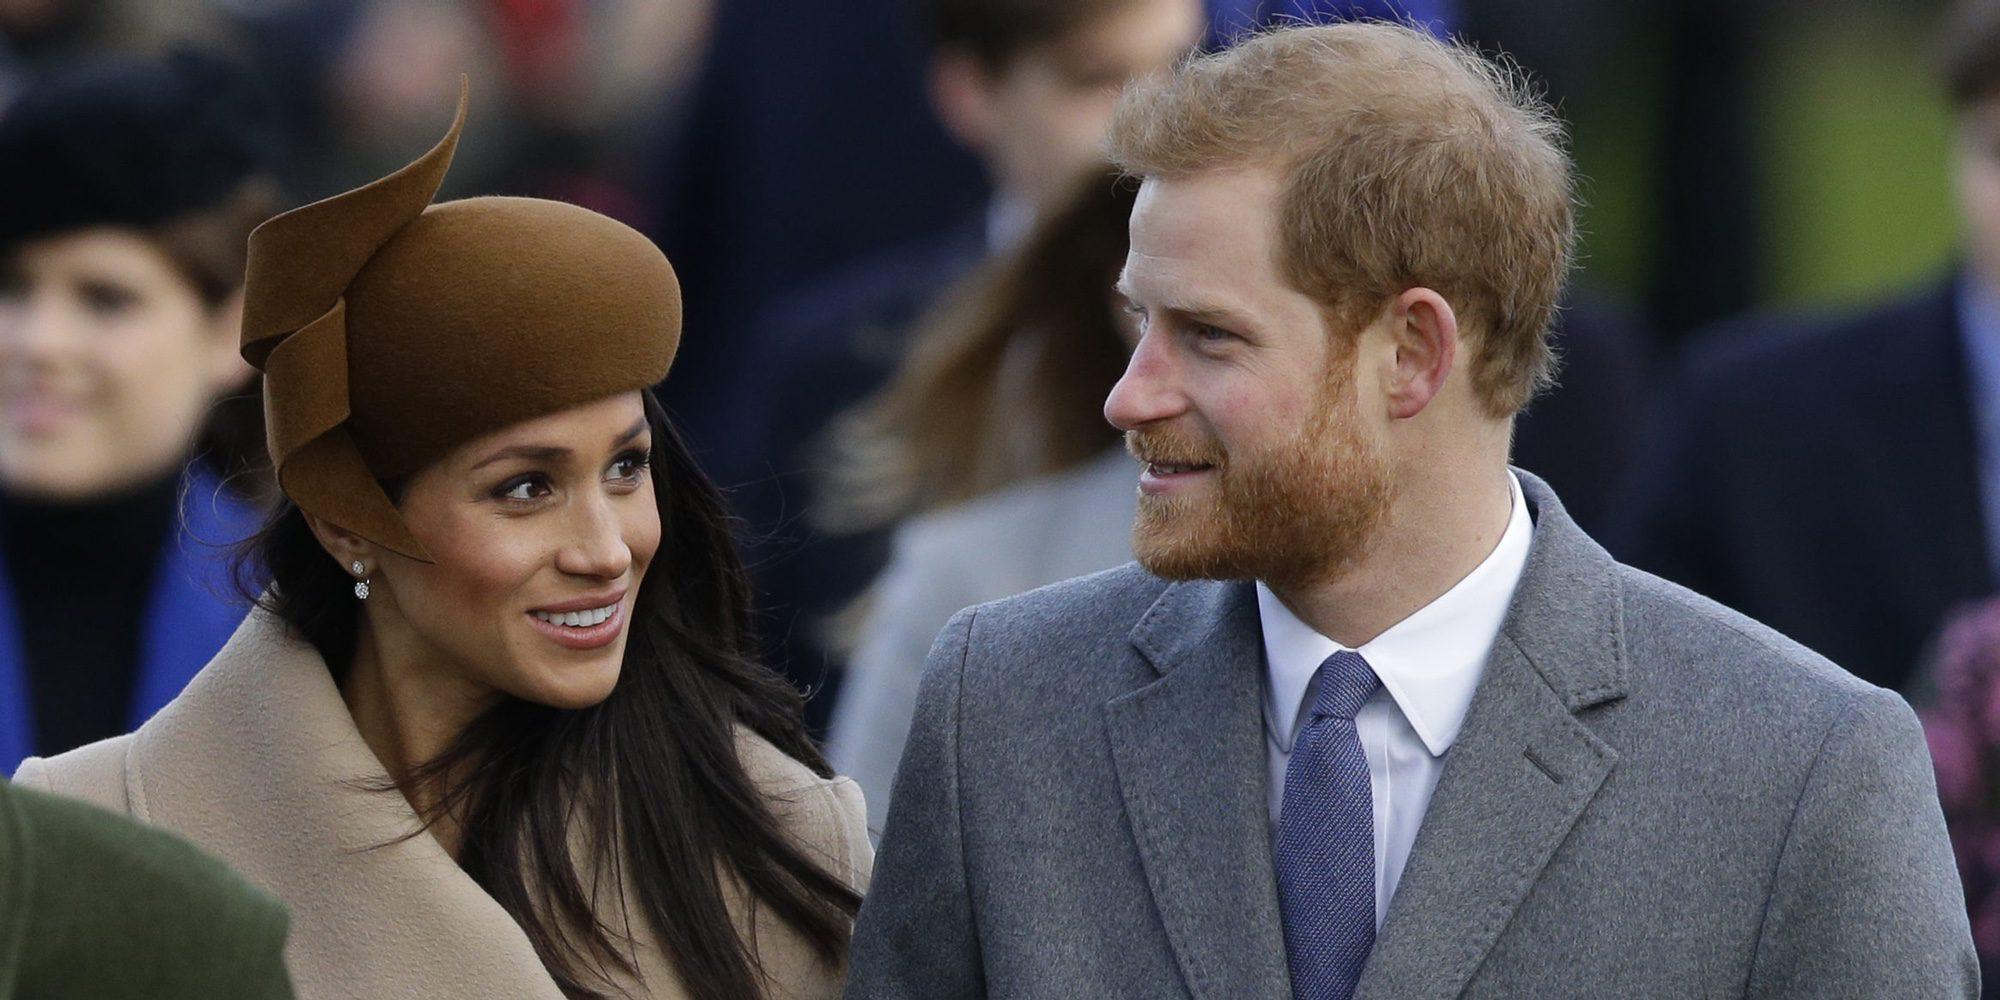 Meghan Markle romperá el protocolo en su boda con el Príncipe Harry